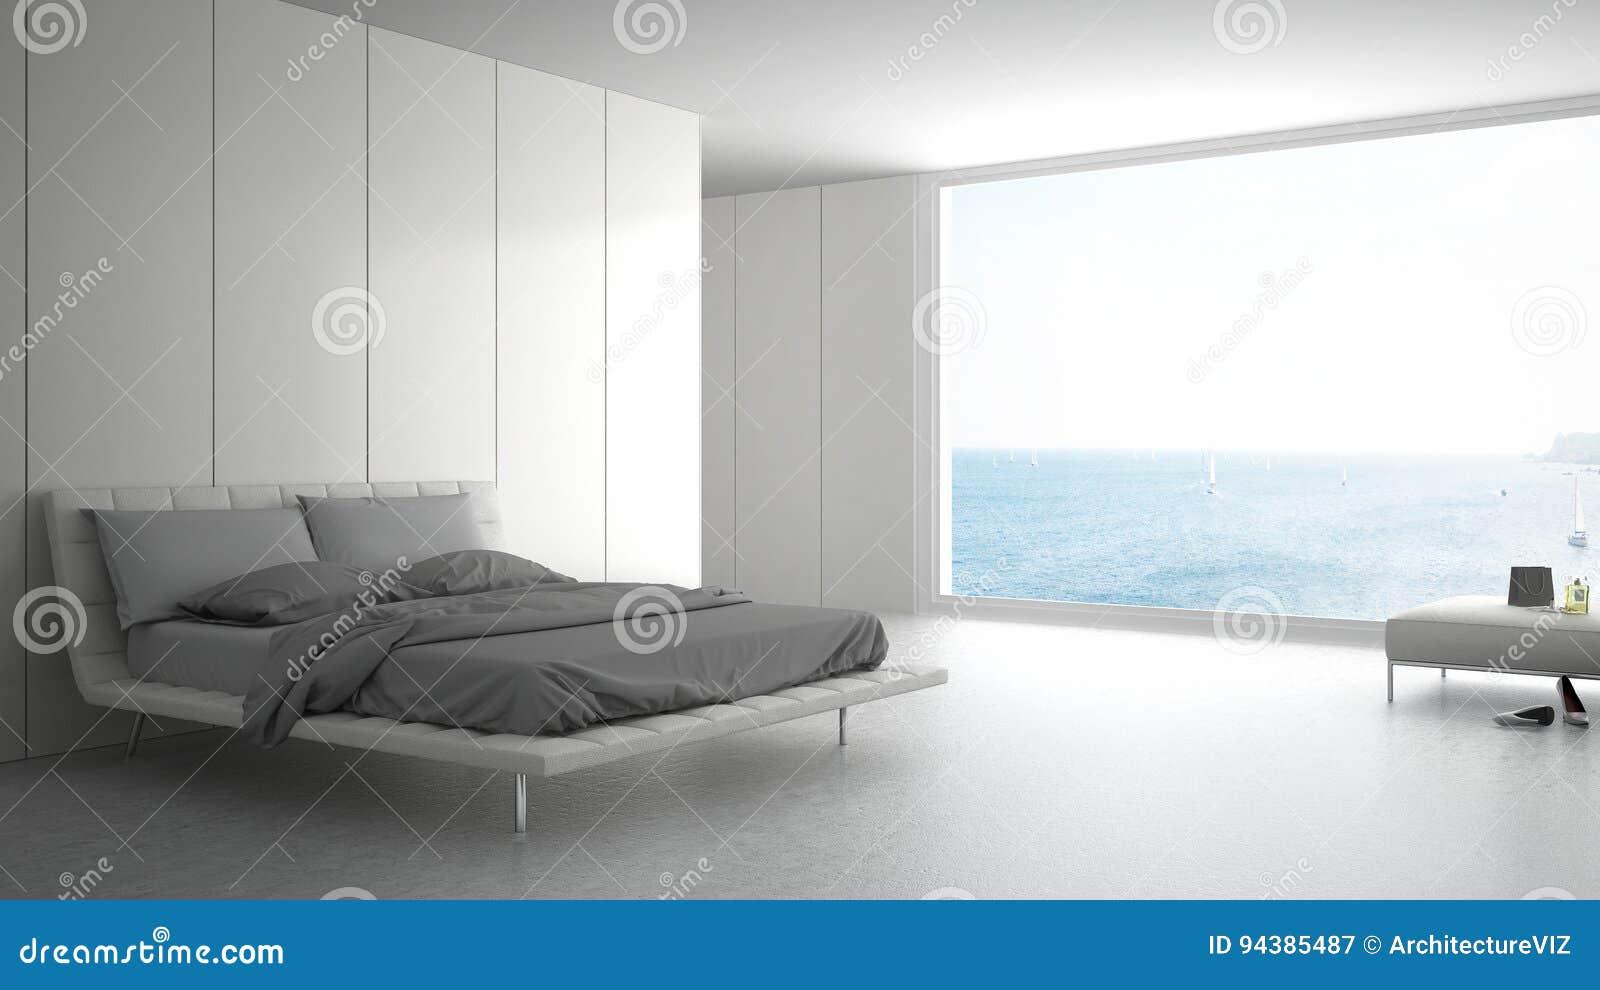 Camere Da Letto Design Minimalista : Camera da letto minimalista con la grande finestra su panorama del